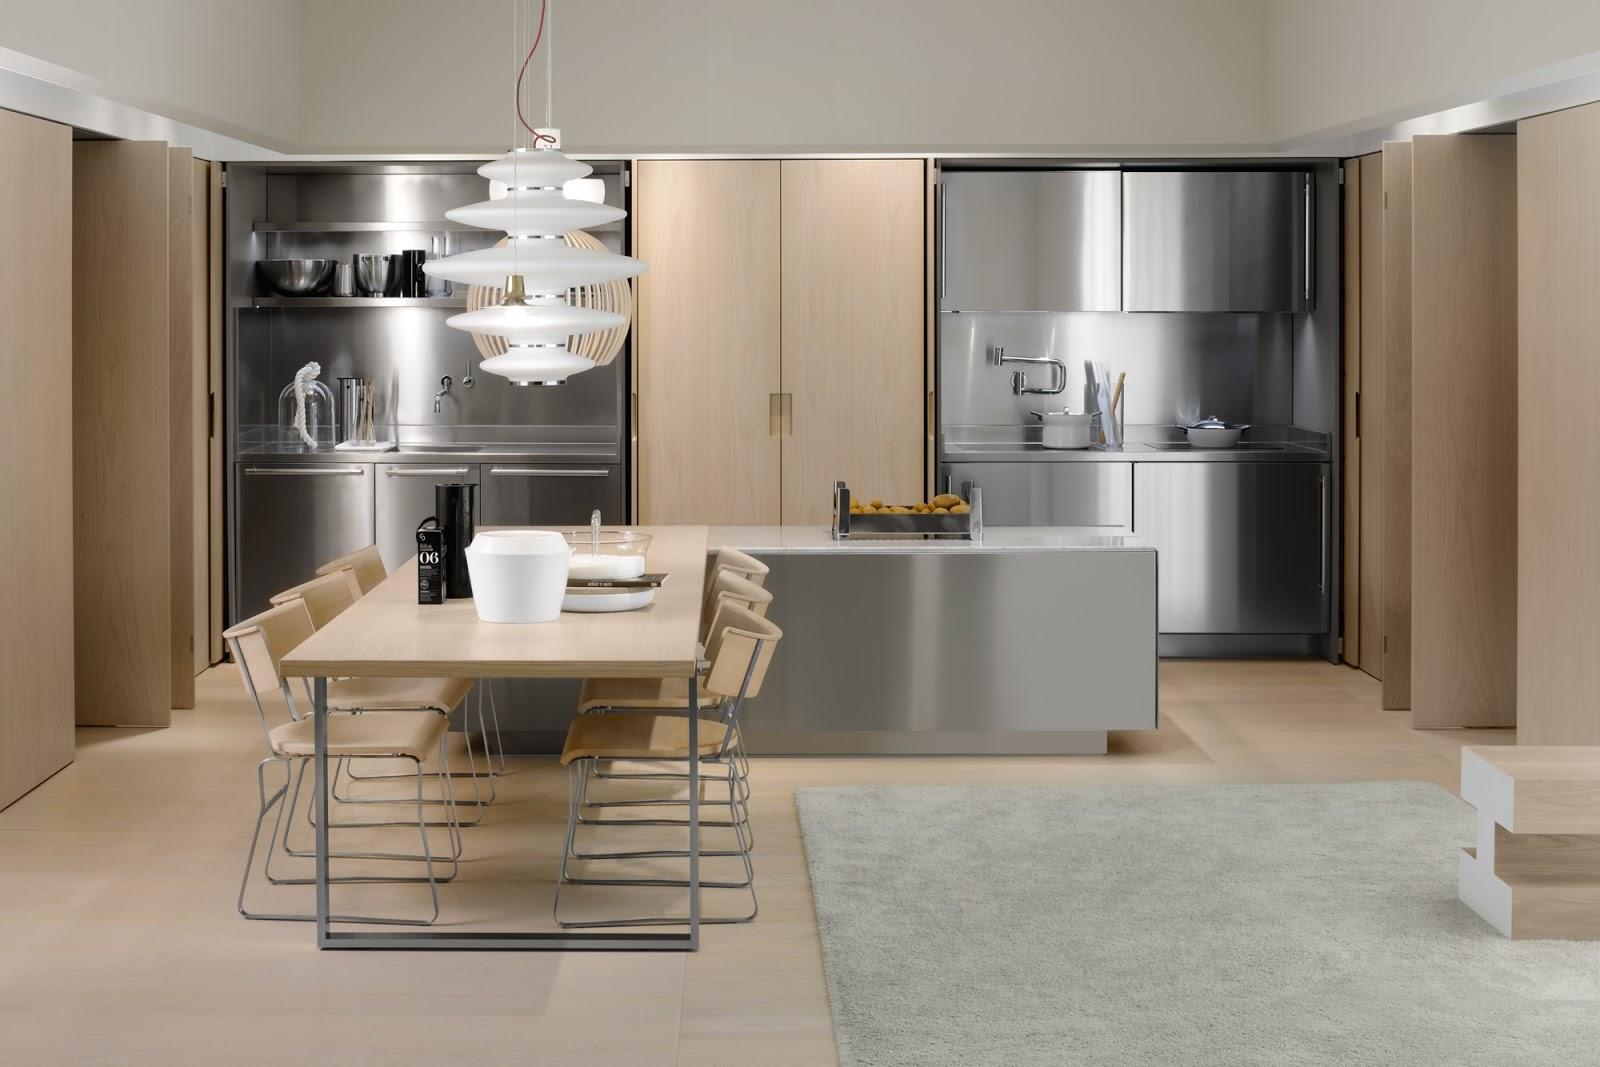 soggiorno cucina open space - living con angolo cottura ... - Soggiorno Living Con Angolo Cottura 2